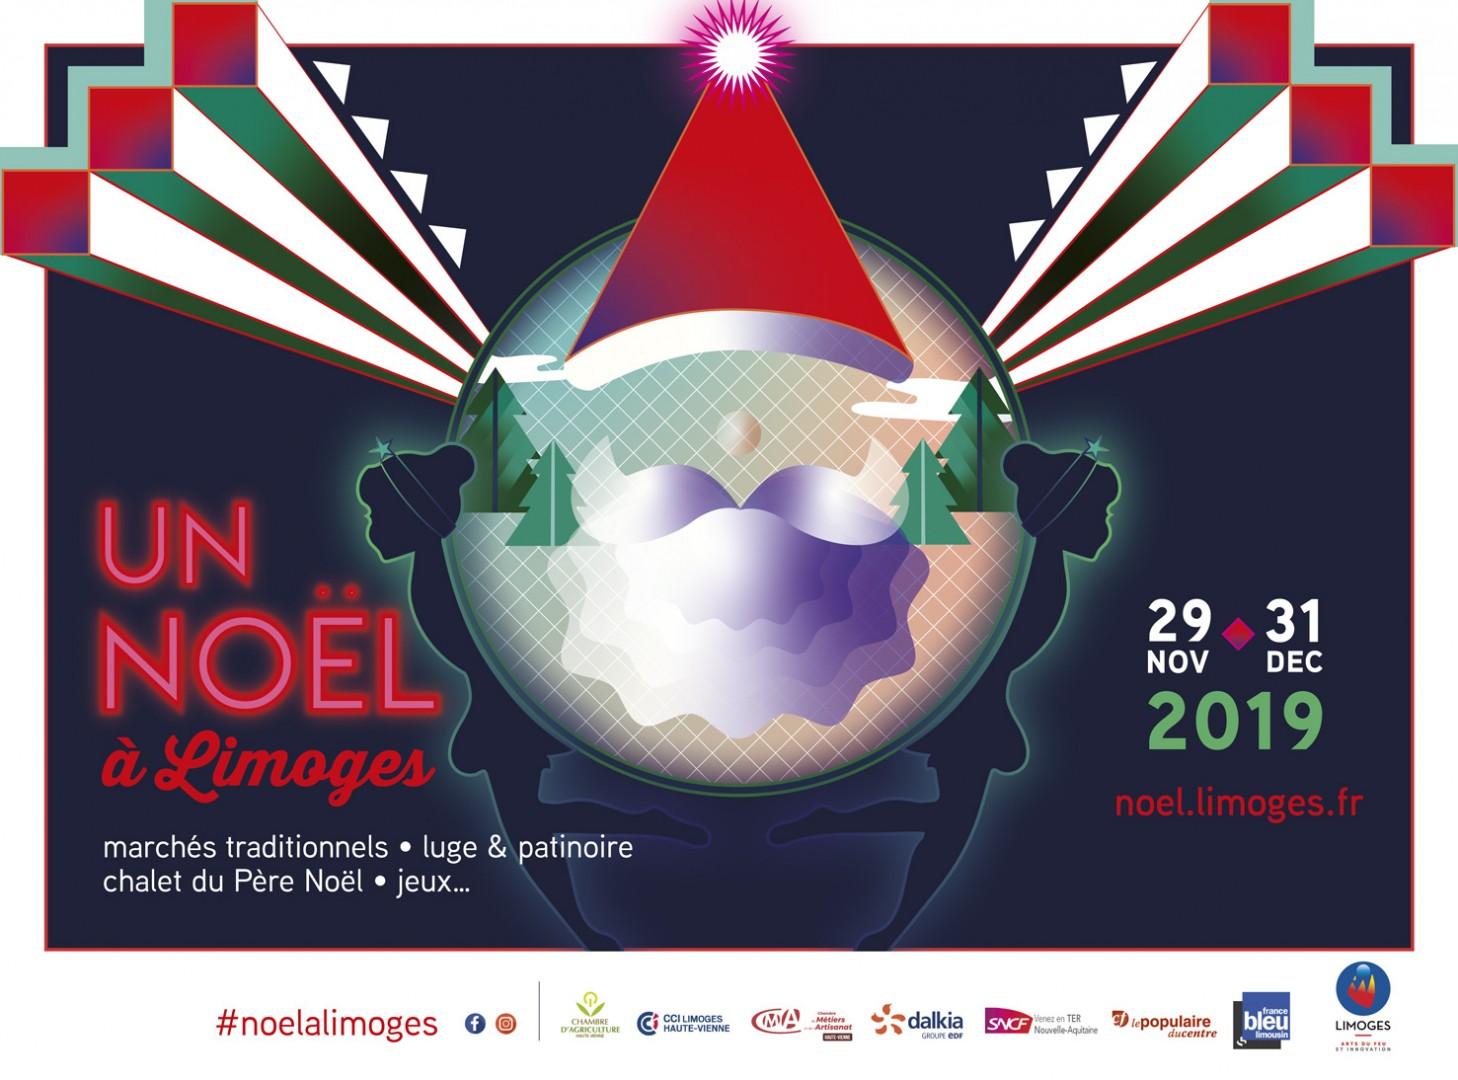 Marché de Noël à Limoges